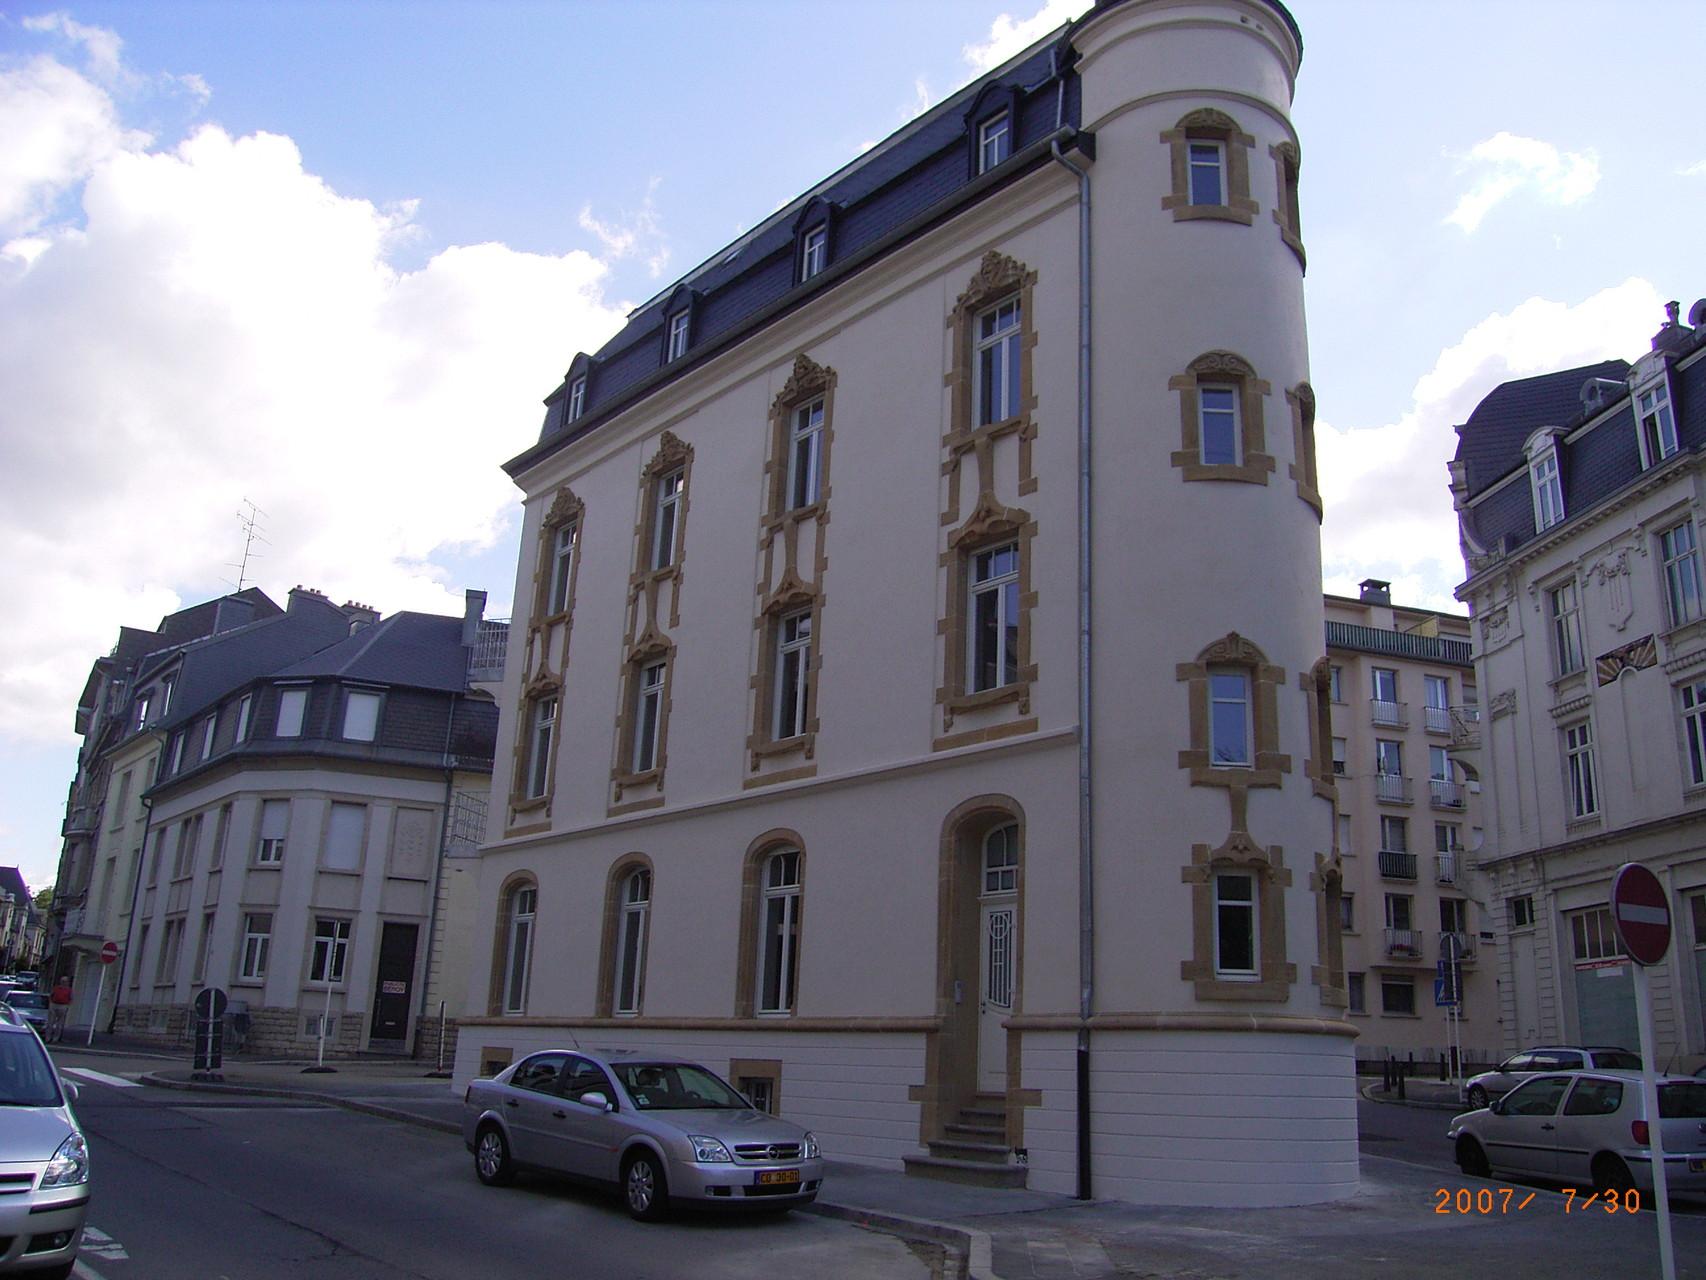 Studentenwohnheim, Luxembourg